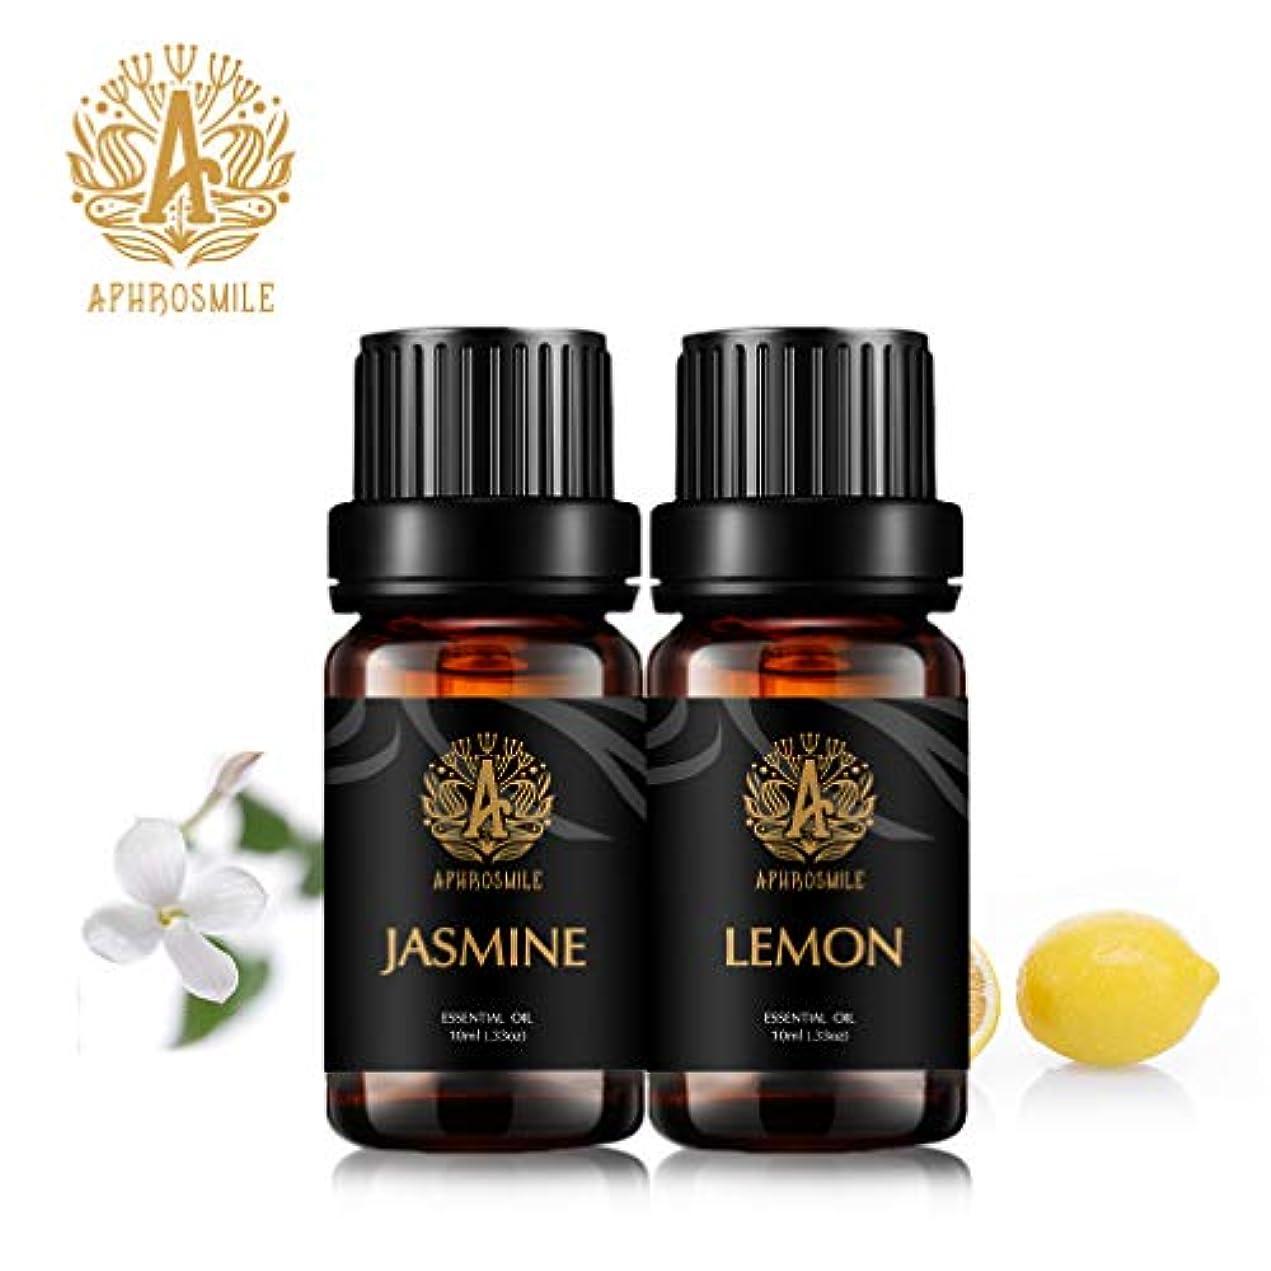 陰謀チップ是正するAPHORSMILE JP 100% 純粋と天然の精油、レモン/ジャスミン、2 /10mlボトル - 【エッセンシャルオイル】、アロマテラピー/デイリーケア可能